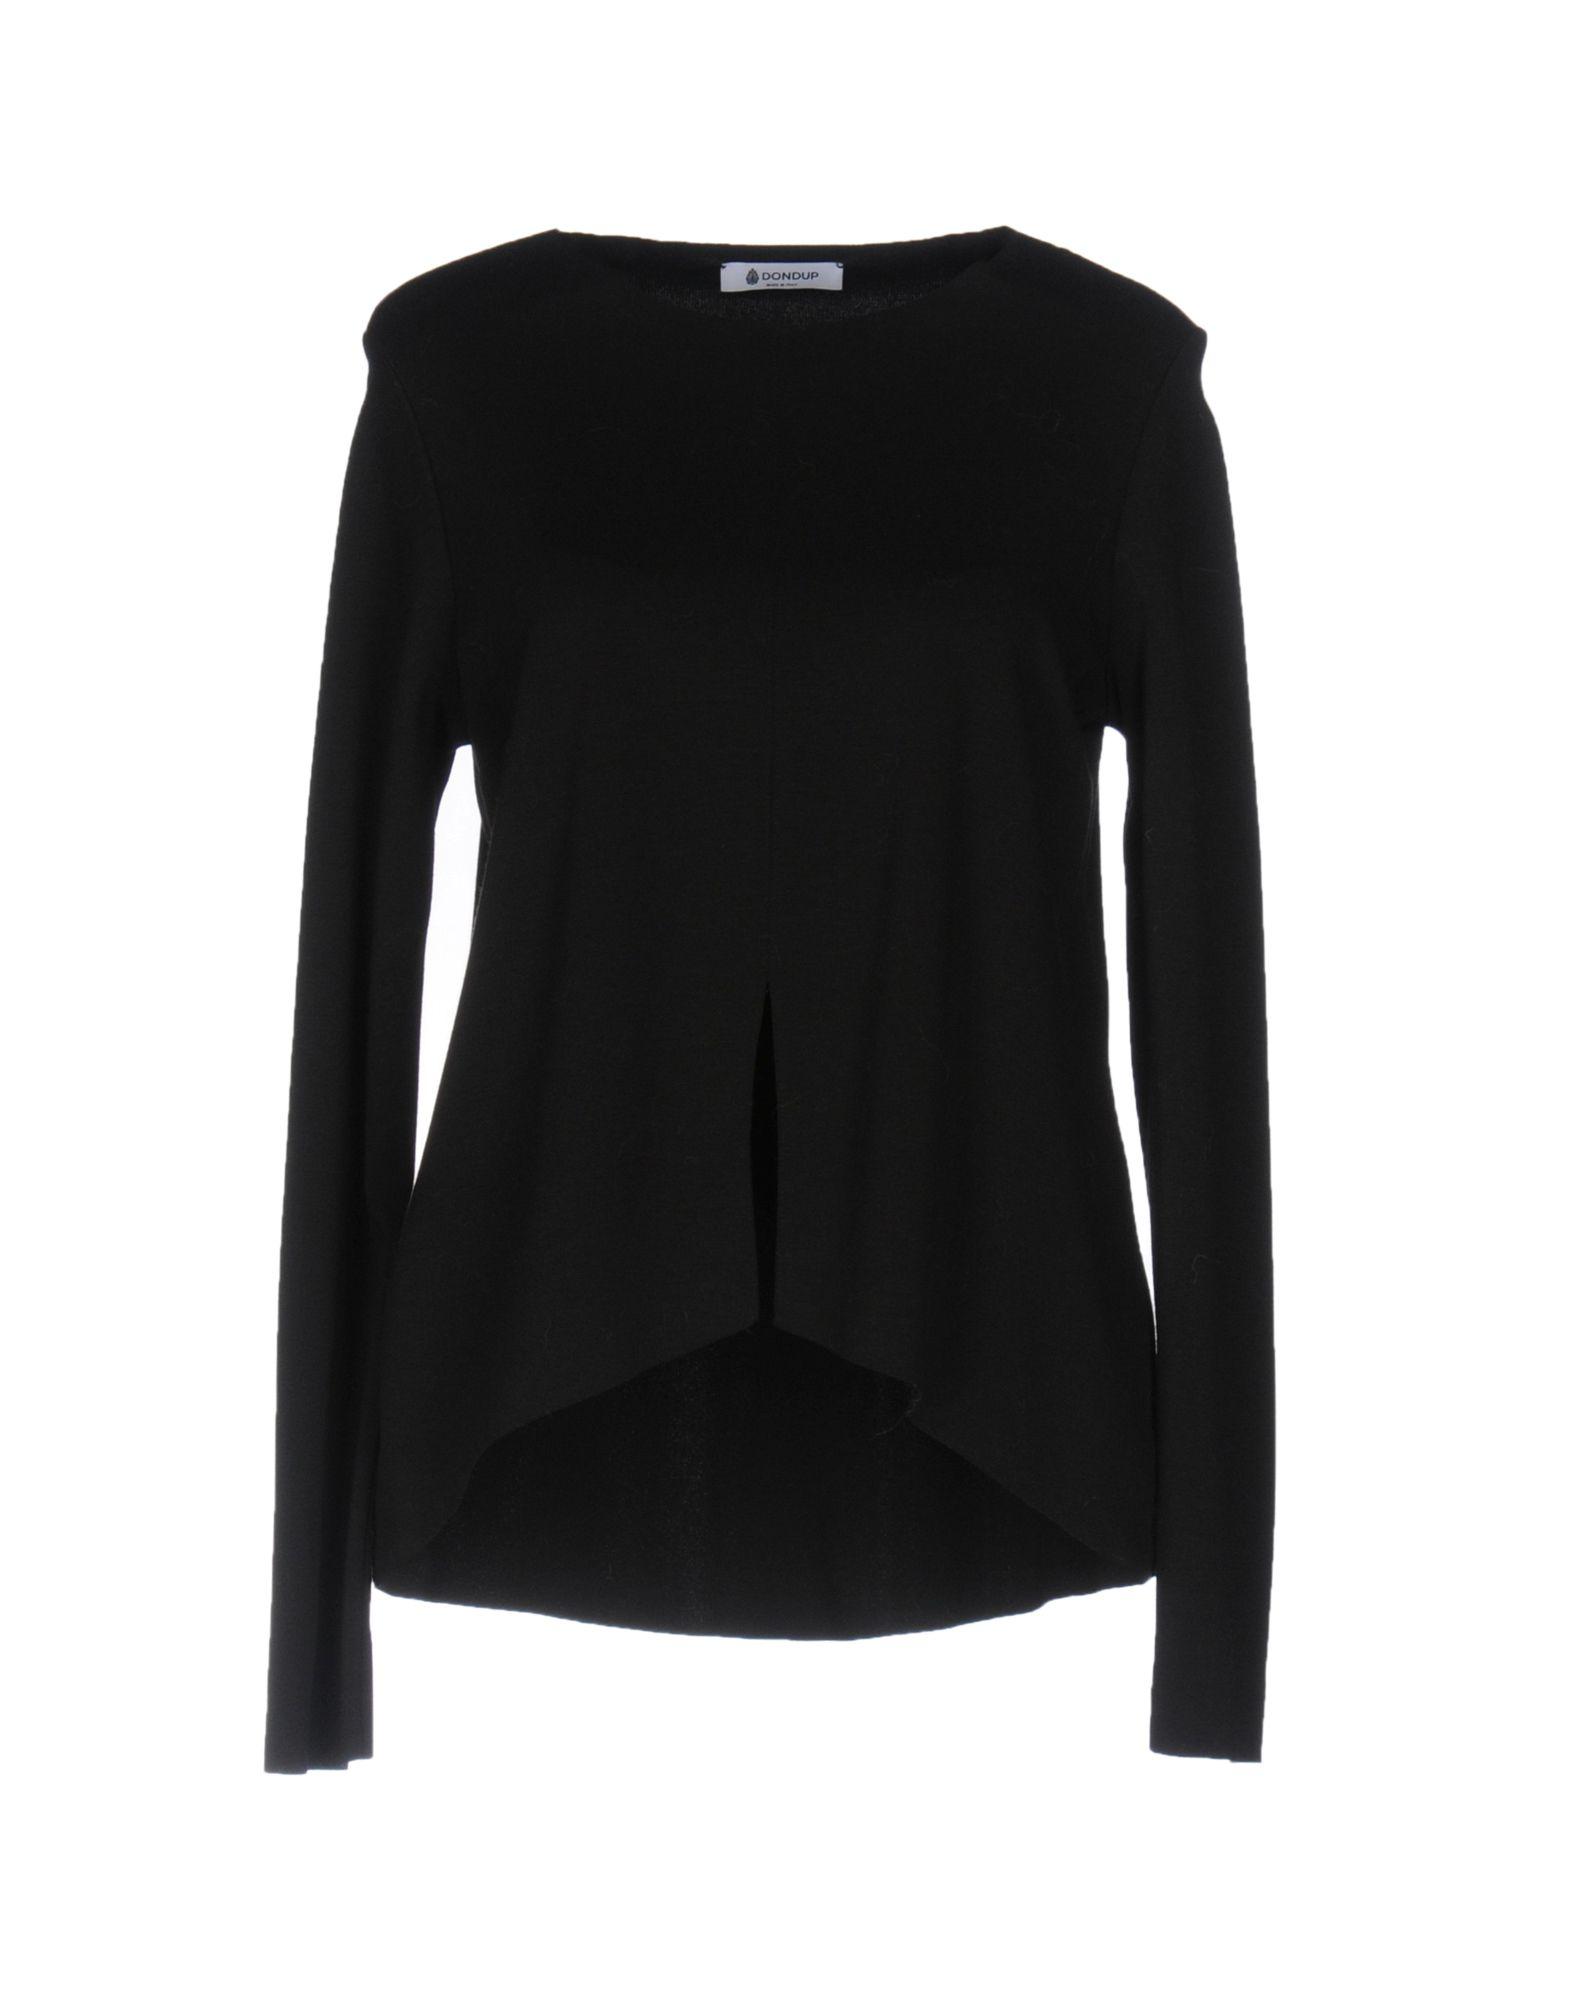 DONDUP Damen Sweatshirt Farbe Schwarz Größe 3